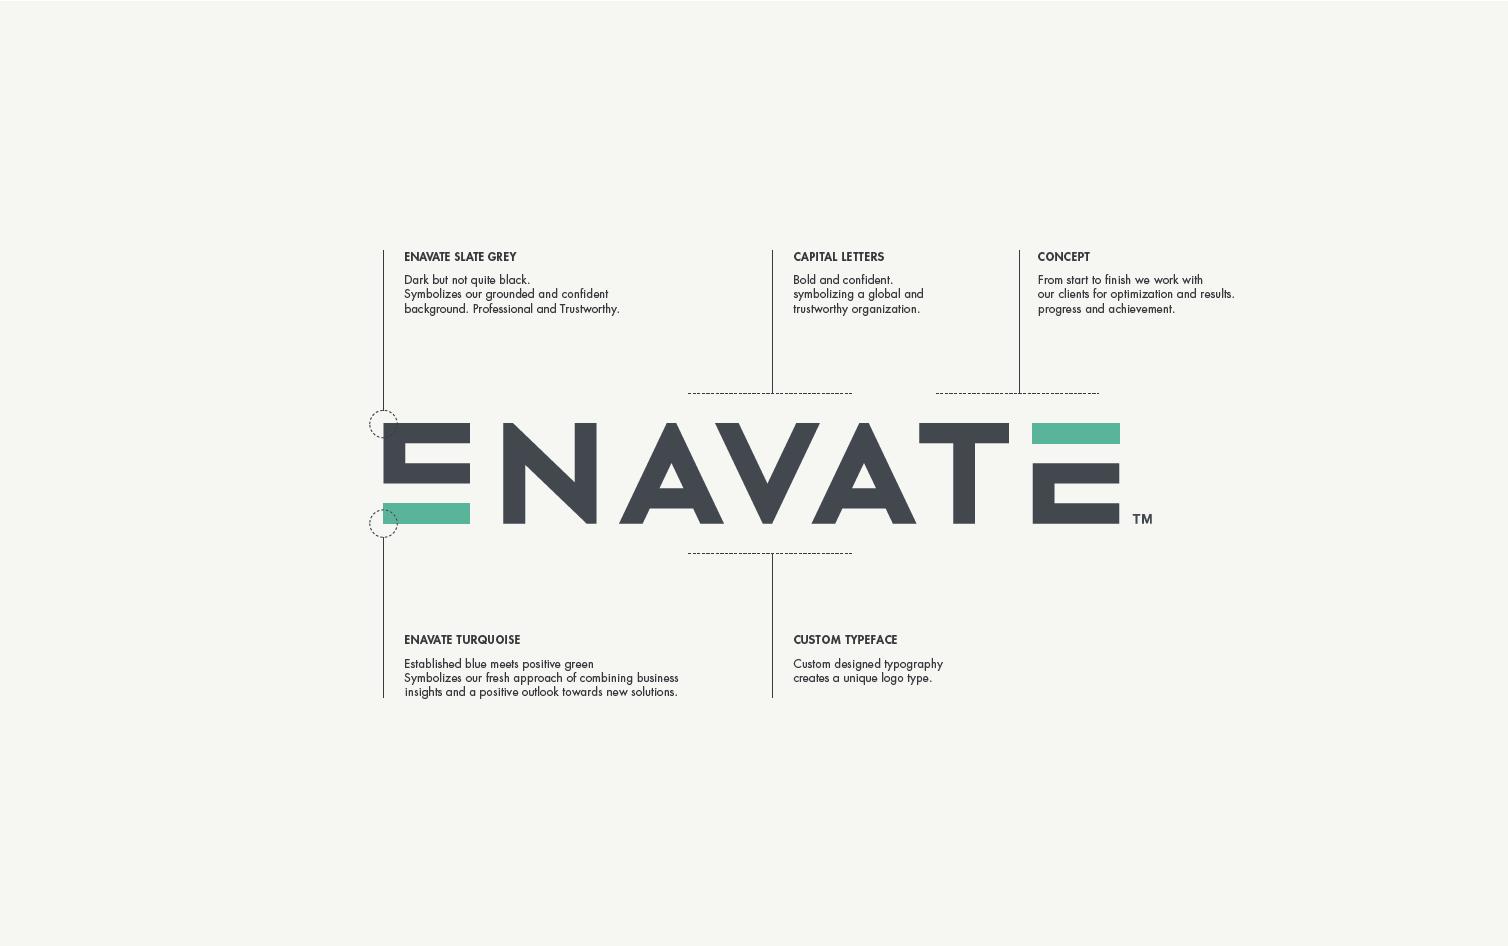 _ENAVATE